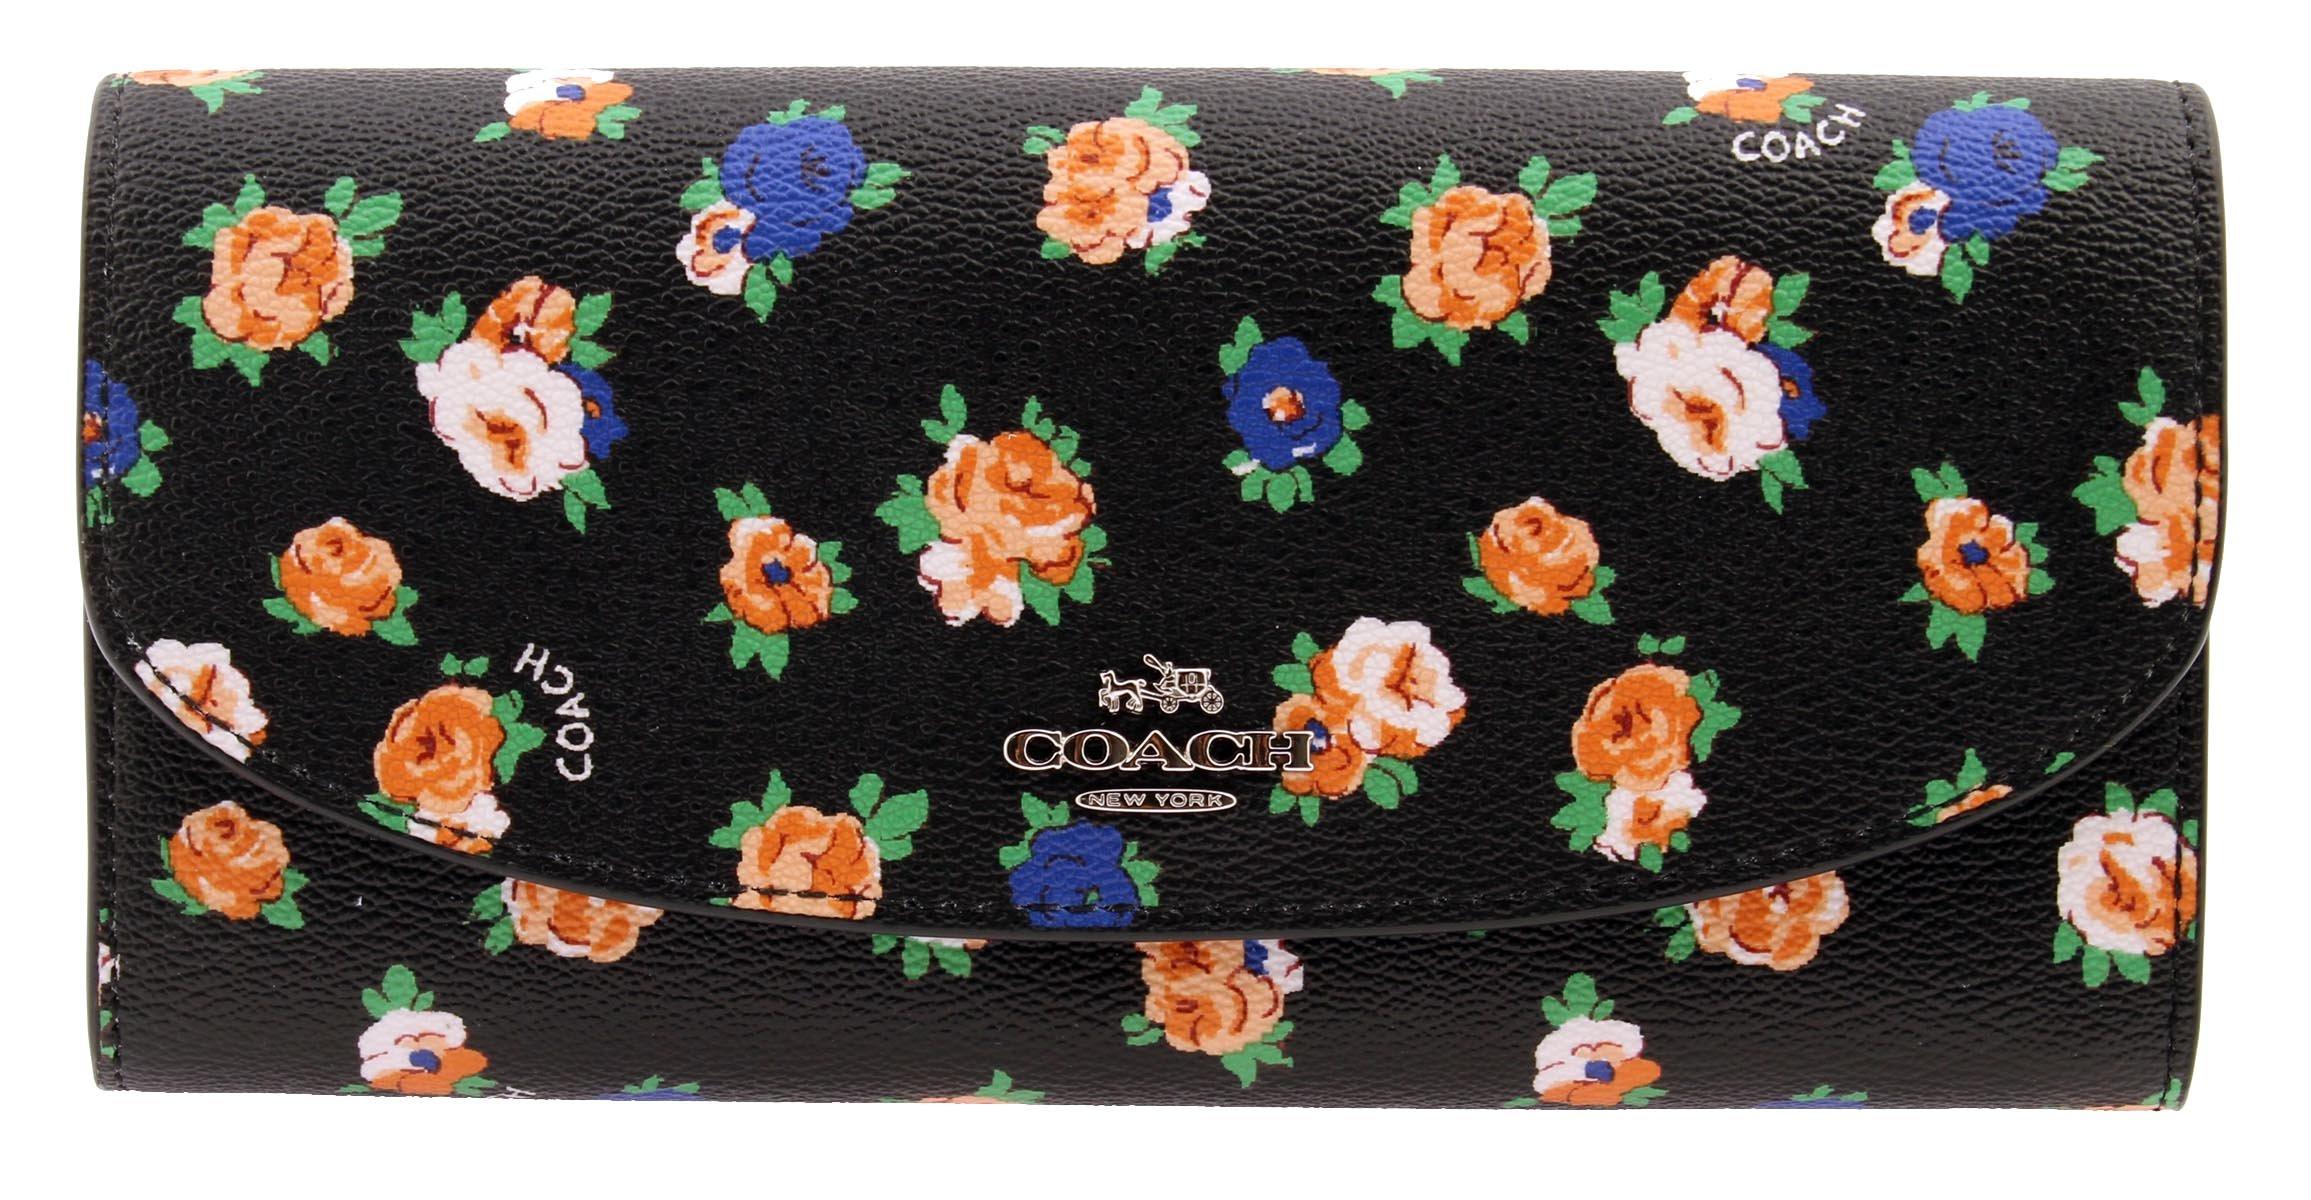 COACH Crossgrain Leather Floral Printed Slim Envelope Wallet (Black Multi)